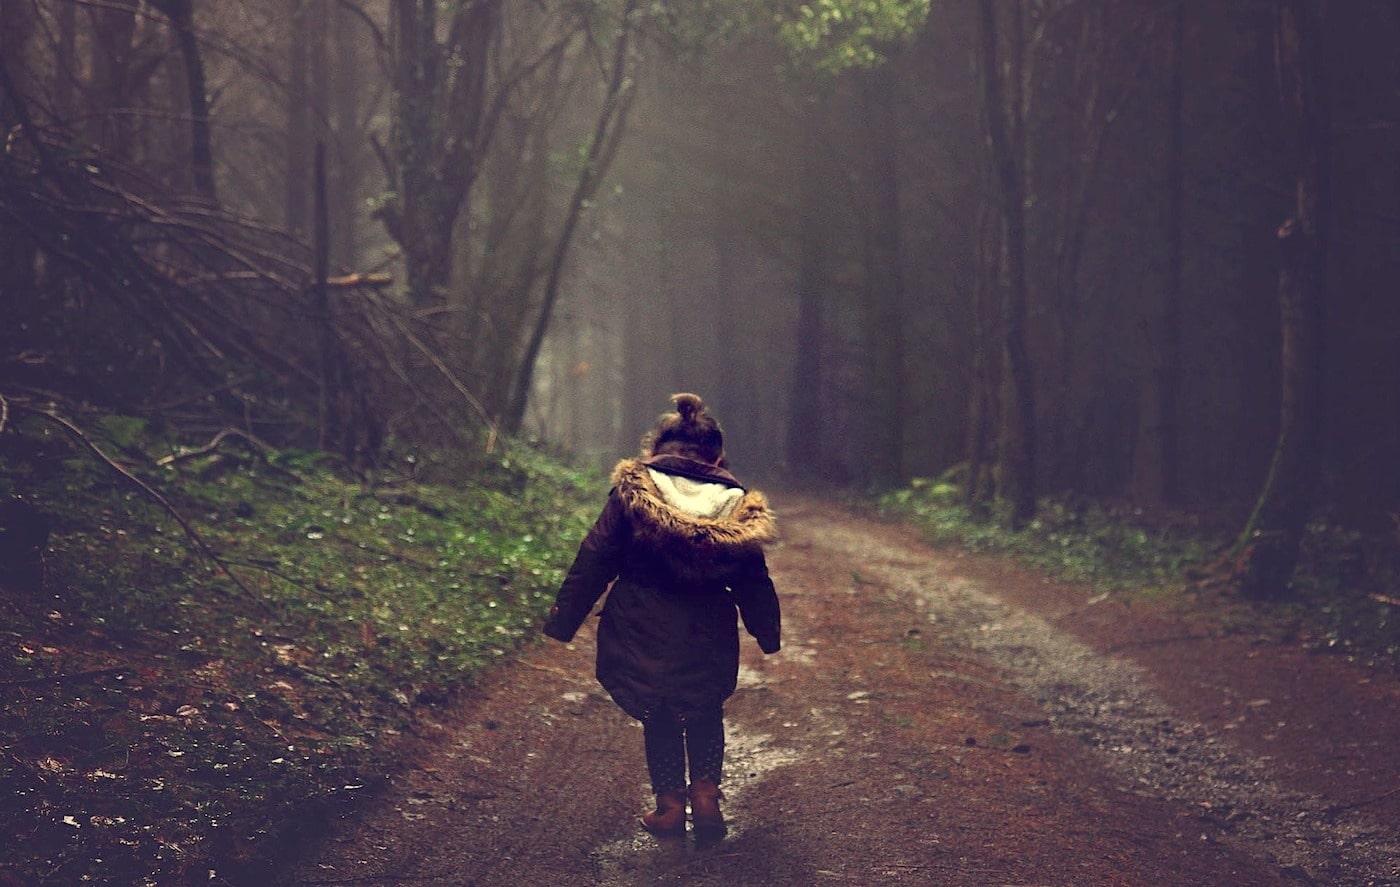 Le temps passé en forêt aiderait au développement cérébral des enfants, selon une nouvelle étude